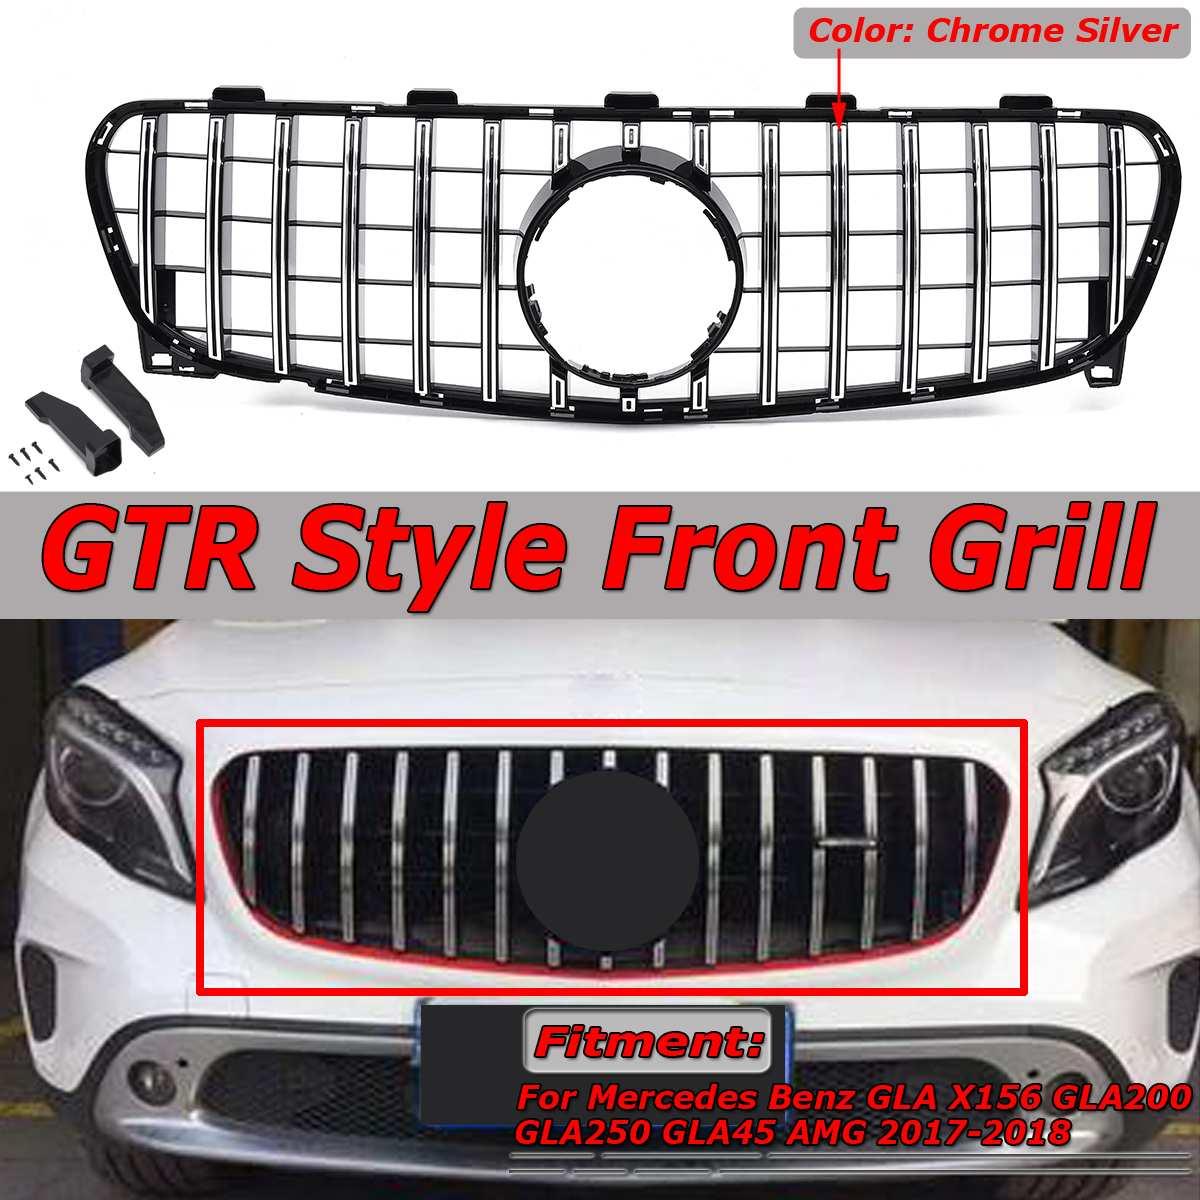 Novo chrome prata gt r estilo superior grade dianteira do carro para mercedes para benz gla x156 gla200 gla250 gla45 para amg 2017-2018